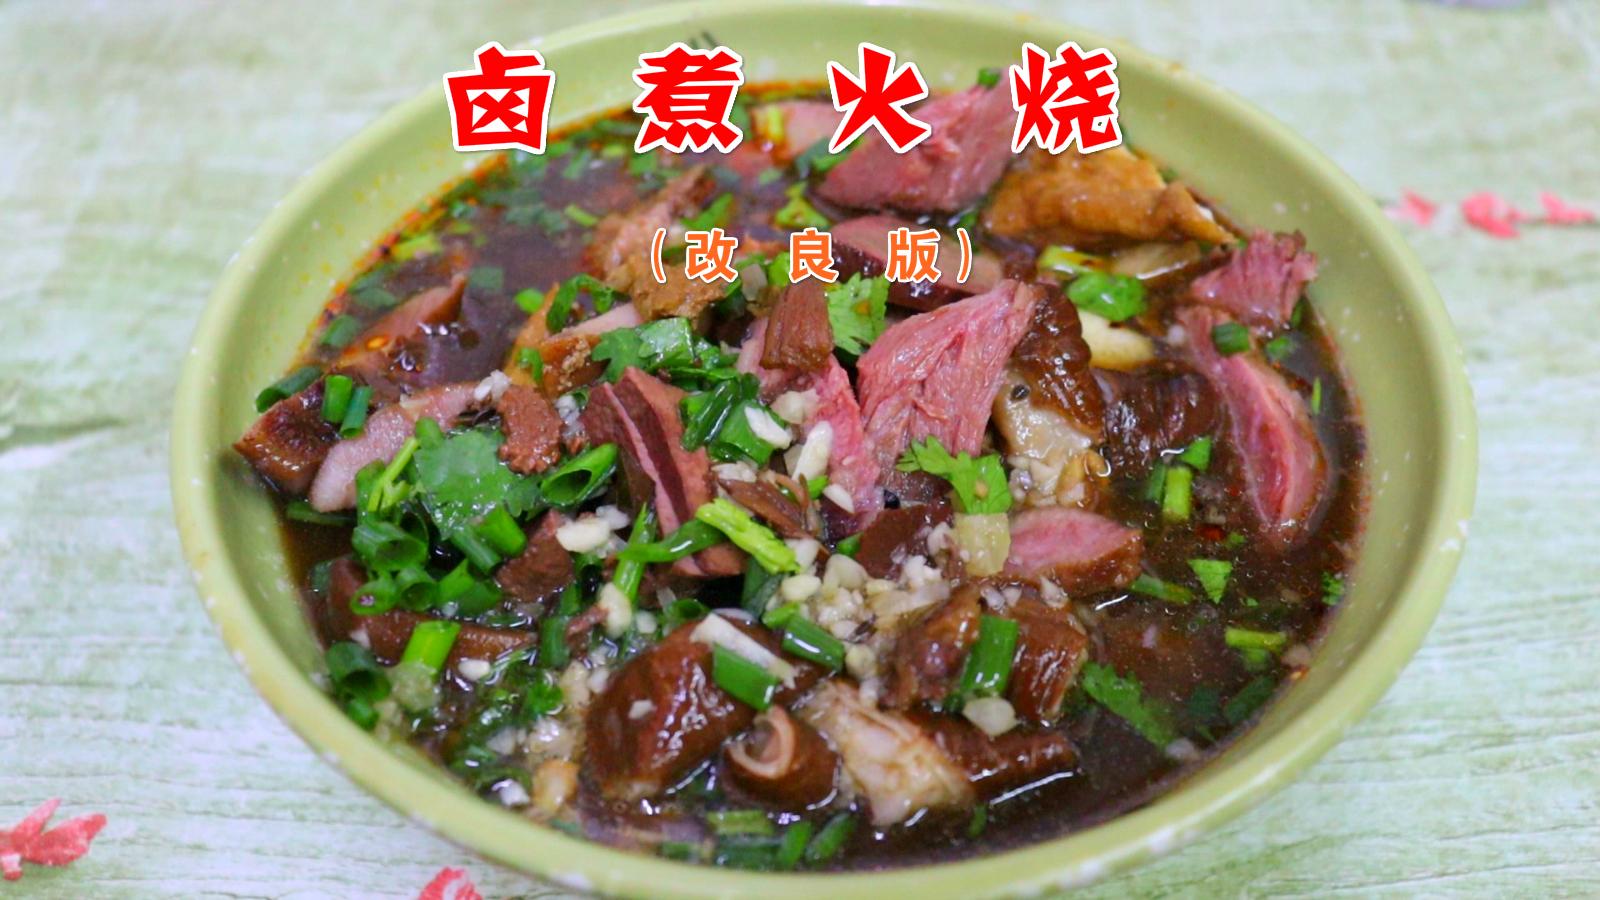 在南京也能吃到卤煮火烧!藏在巷子深处的苍蝇小馆,老板每天能卖出一大铁锅!